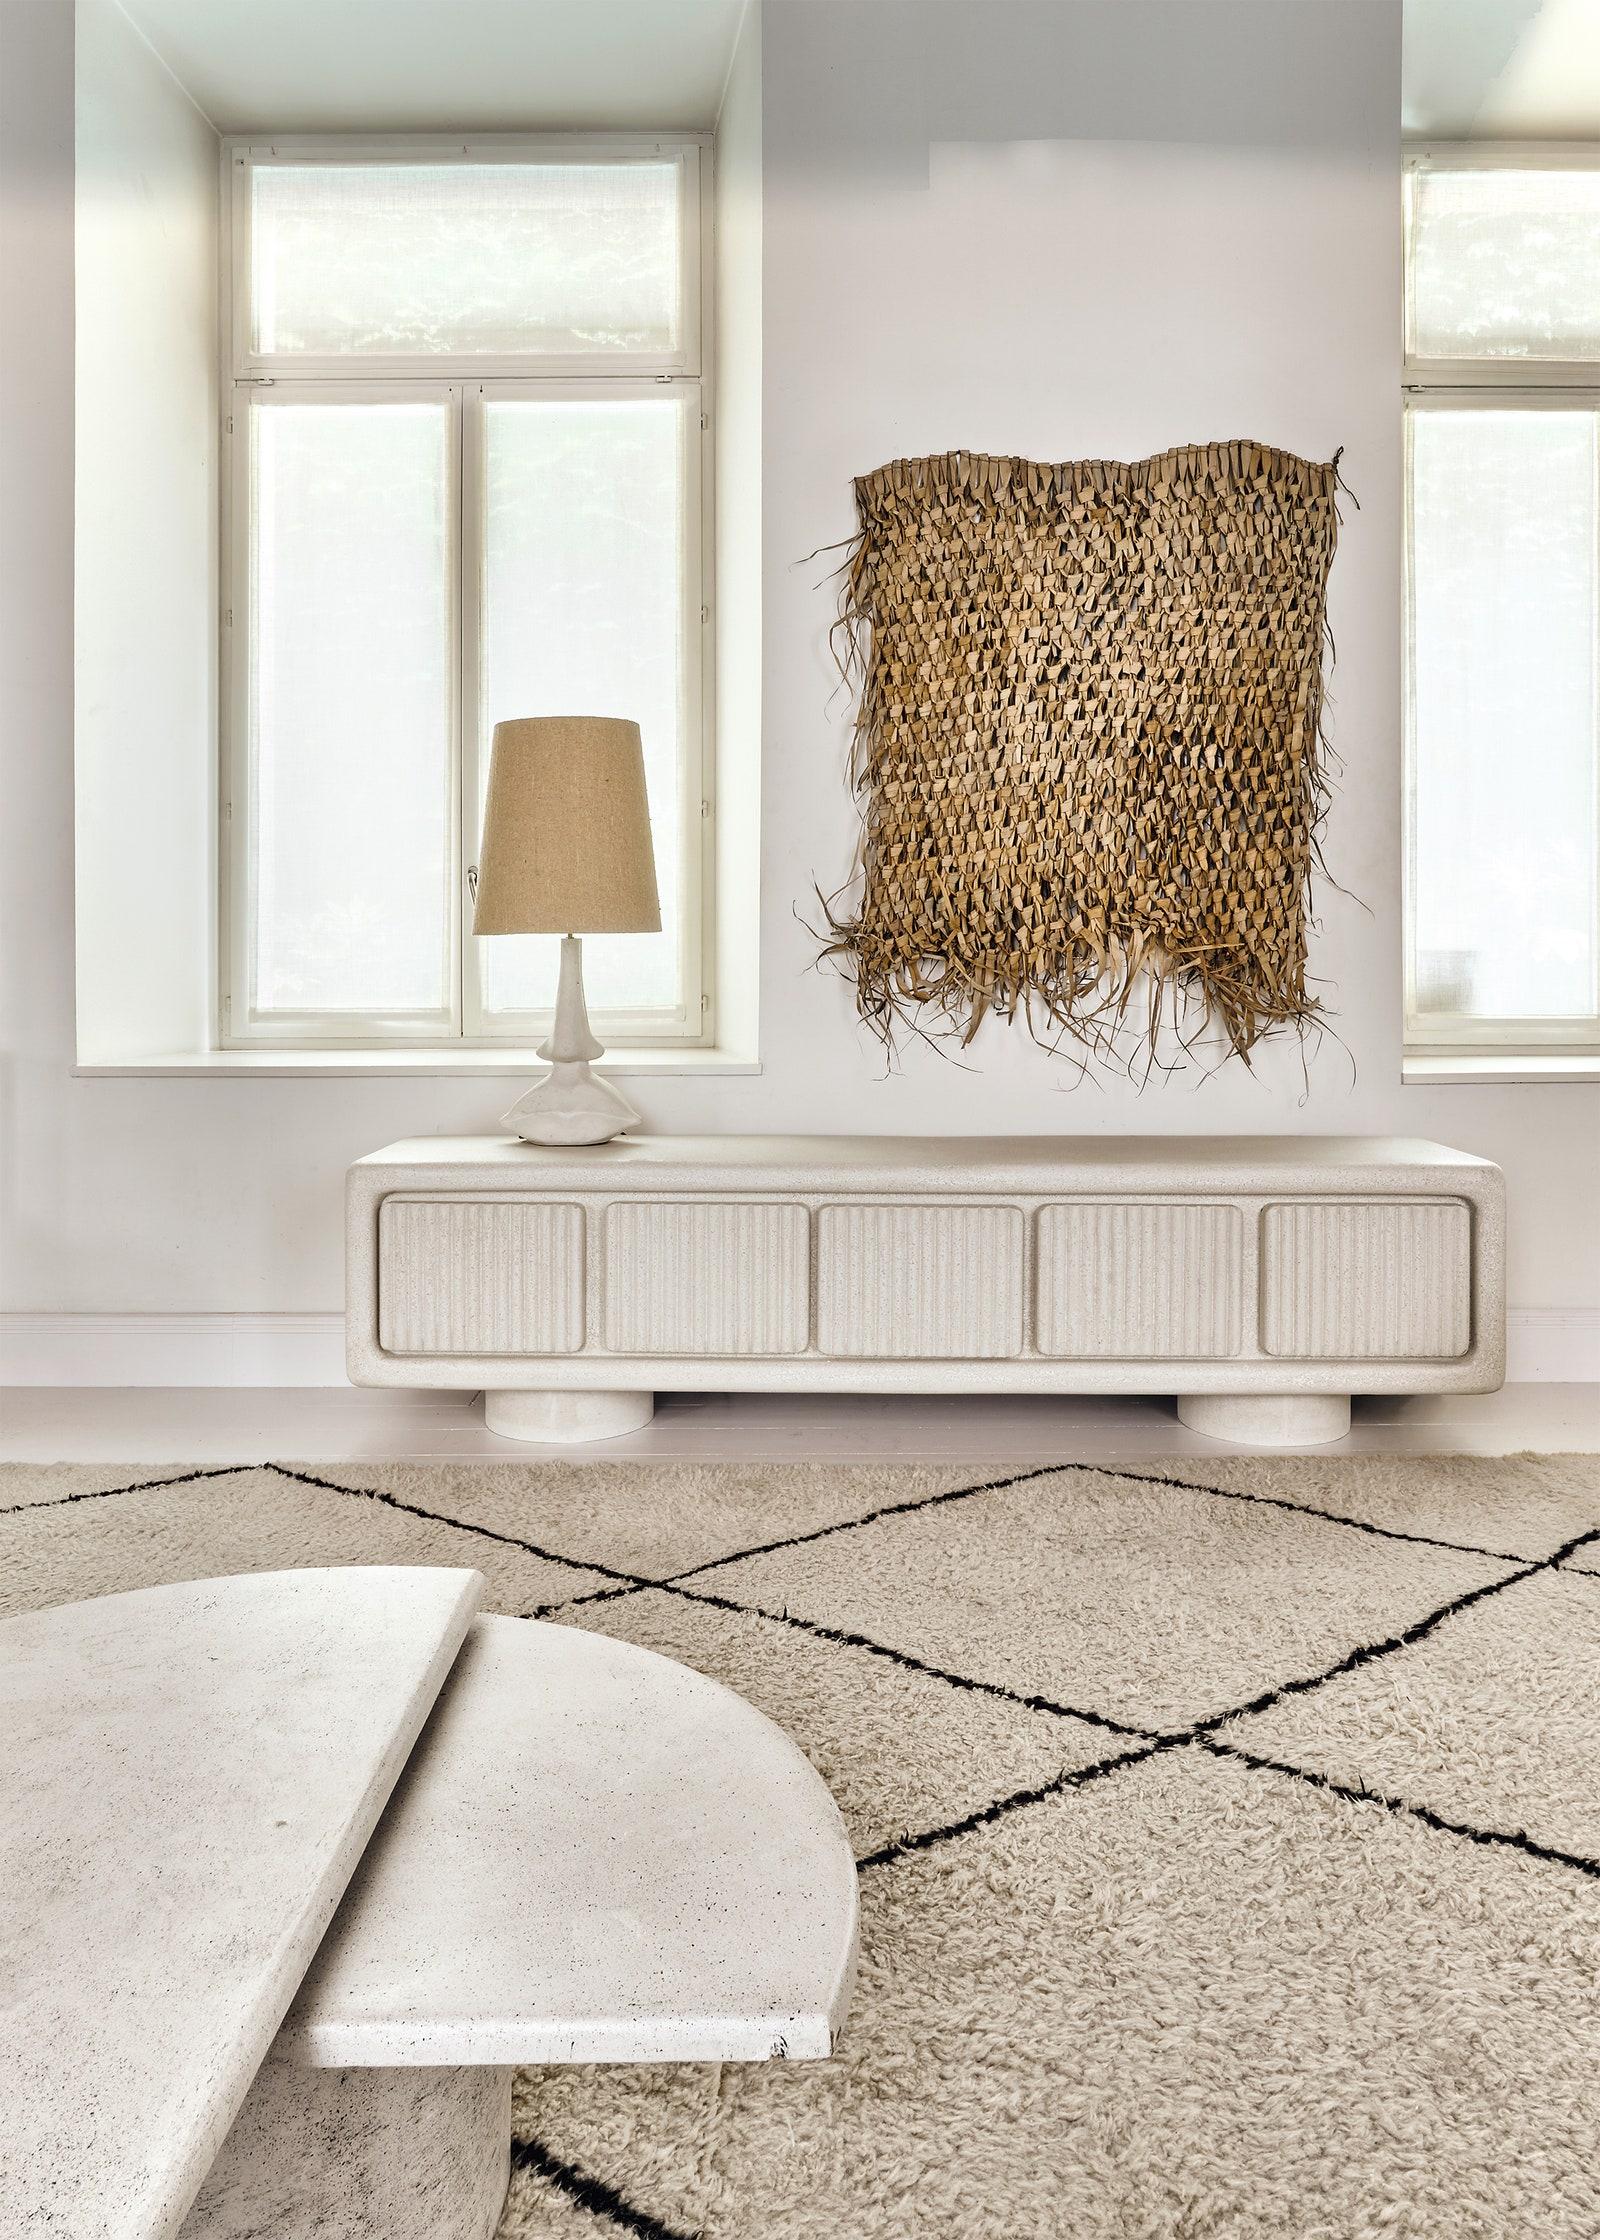 este_verano_practica_nesting_decoración_interiores_lifestyle_consejos-02